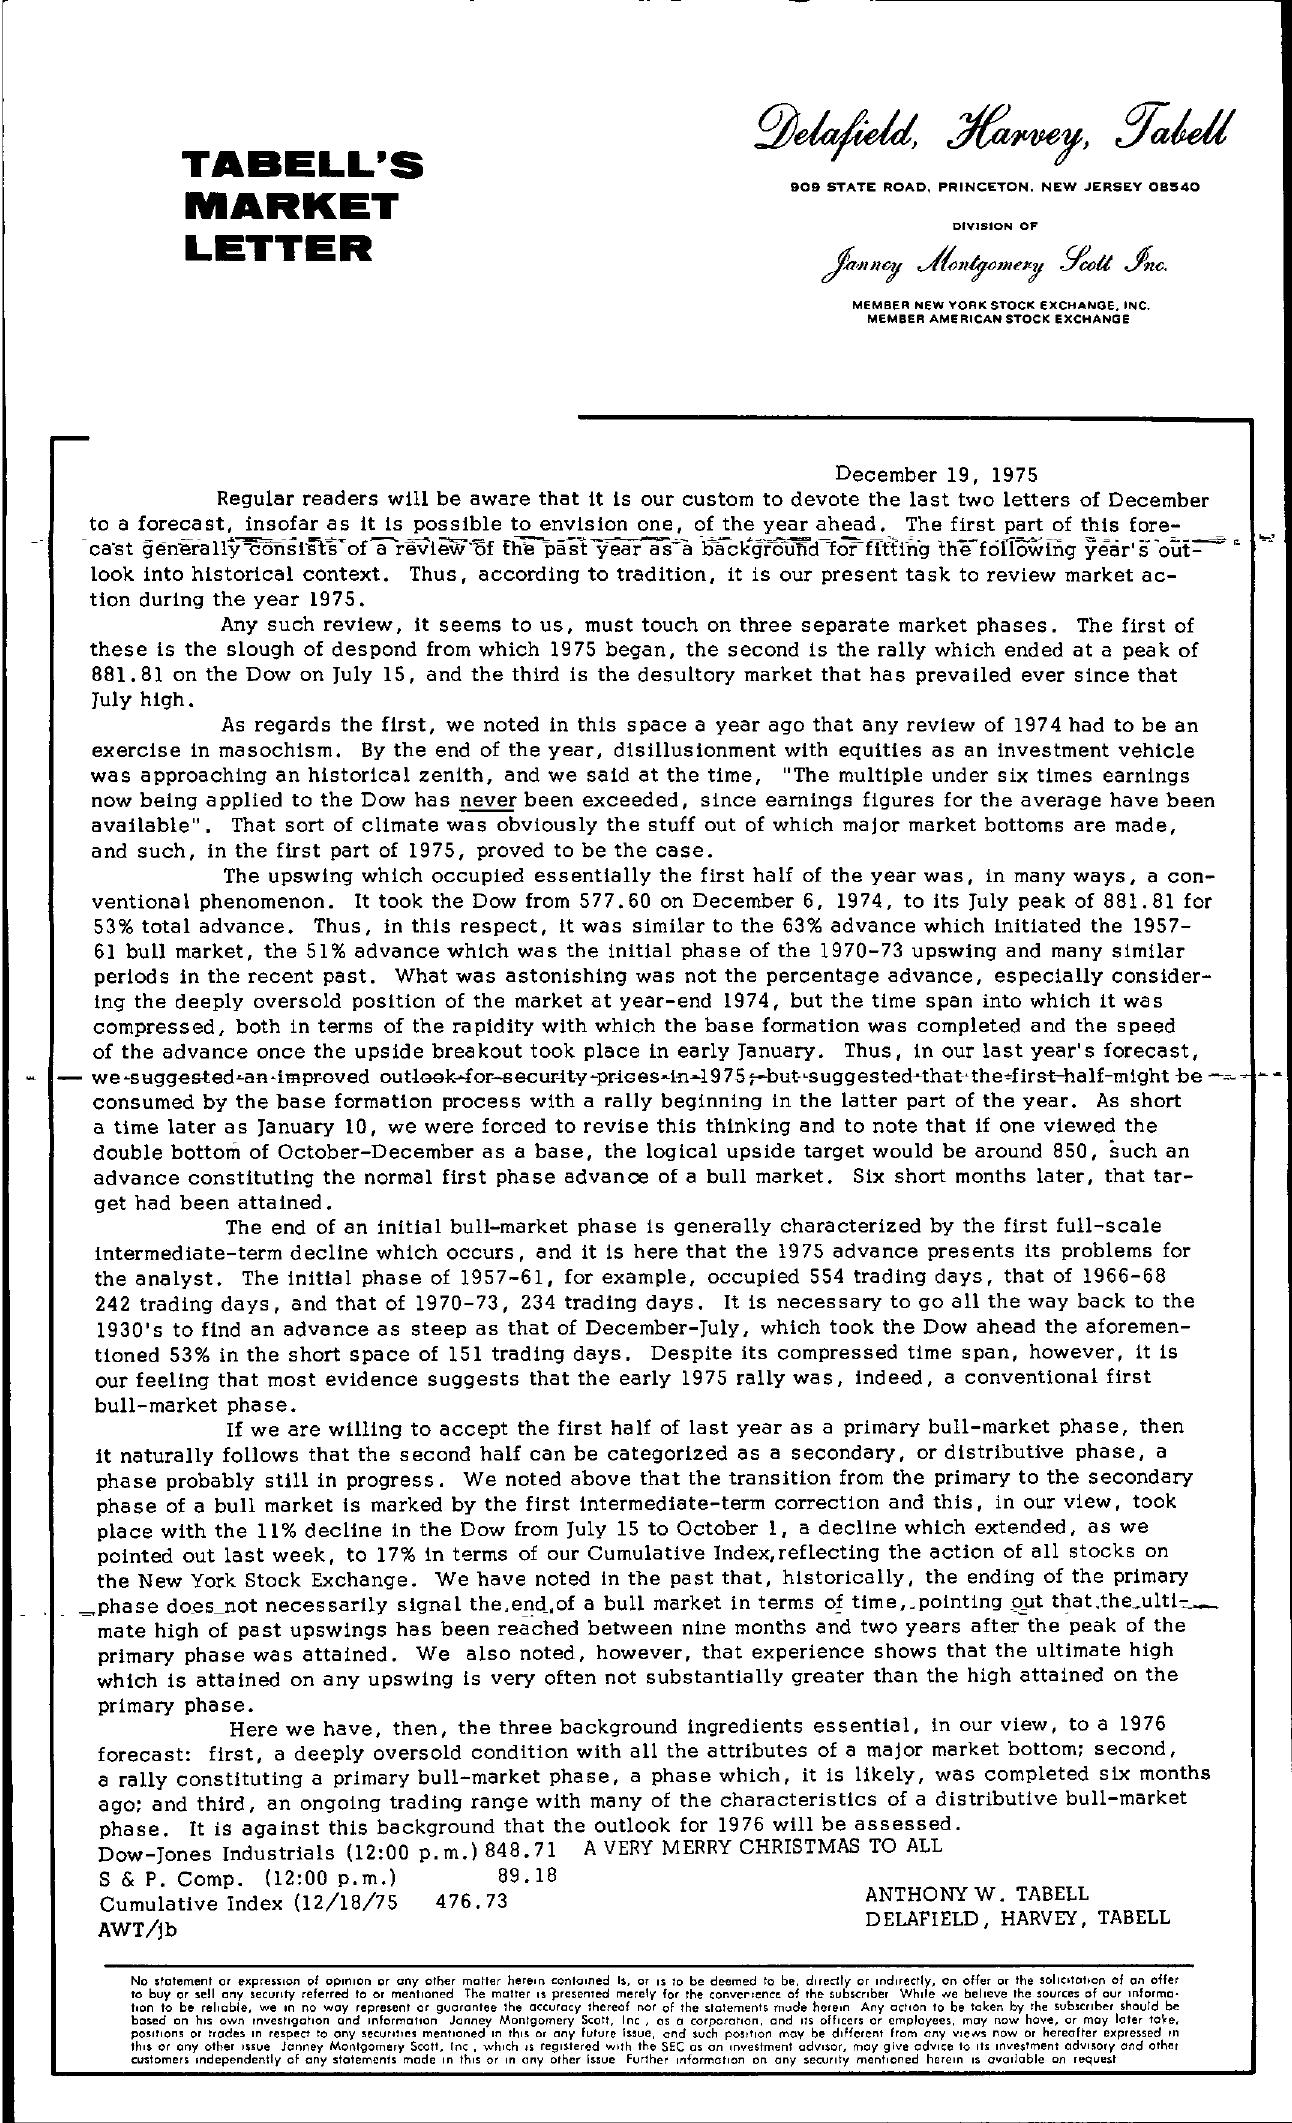 Tabell's Market Letter - December 19, 1975